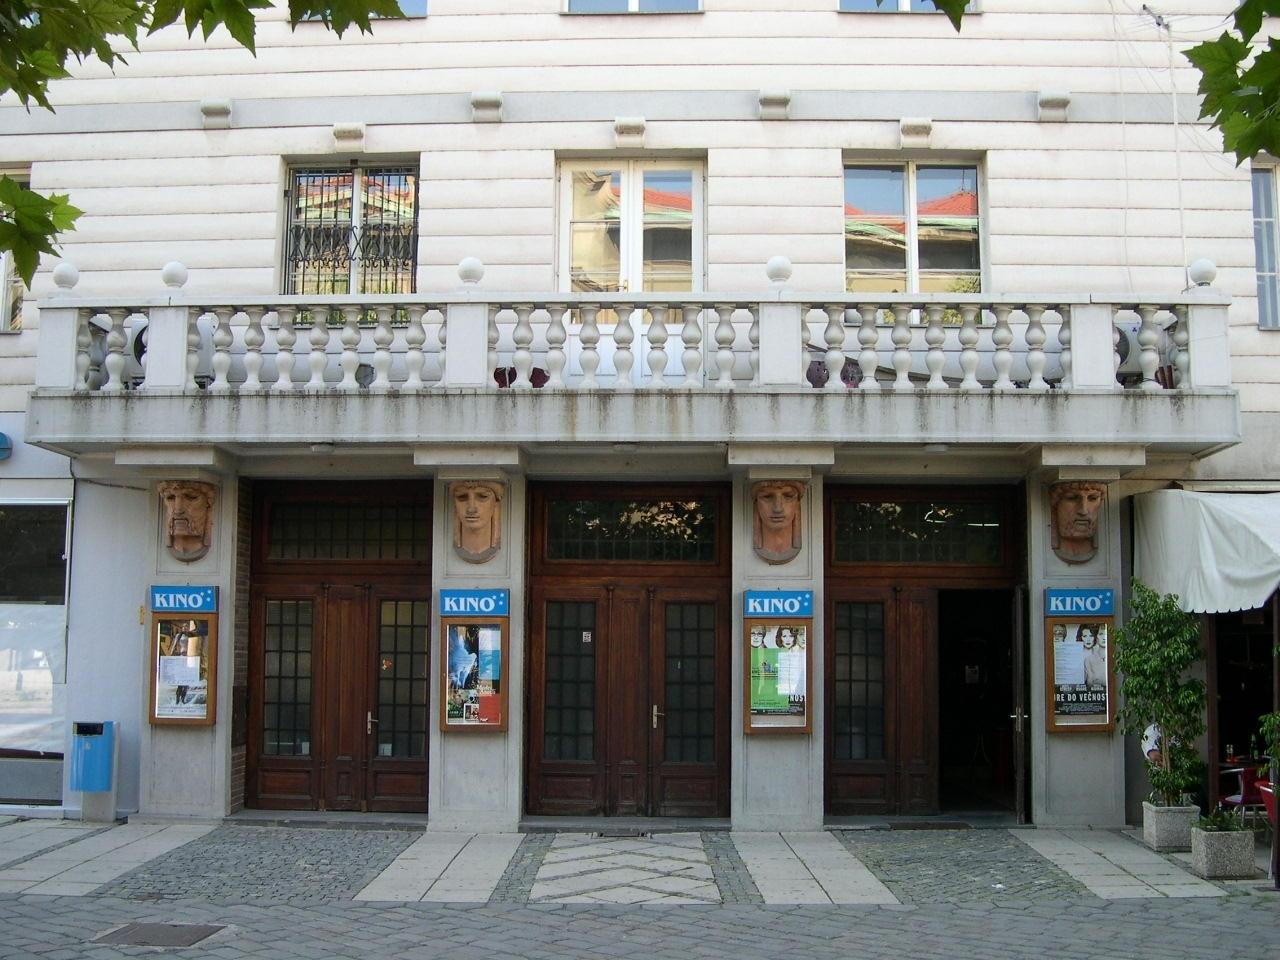 Metropol Kino Innsbruck » Alle Infos zum Kino [2021 ]